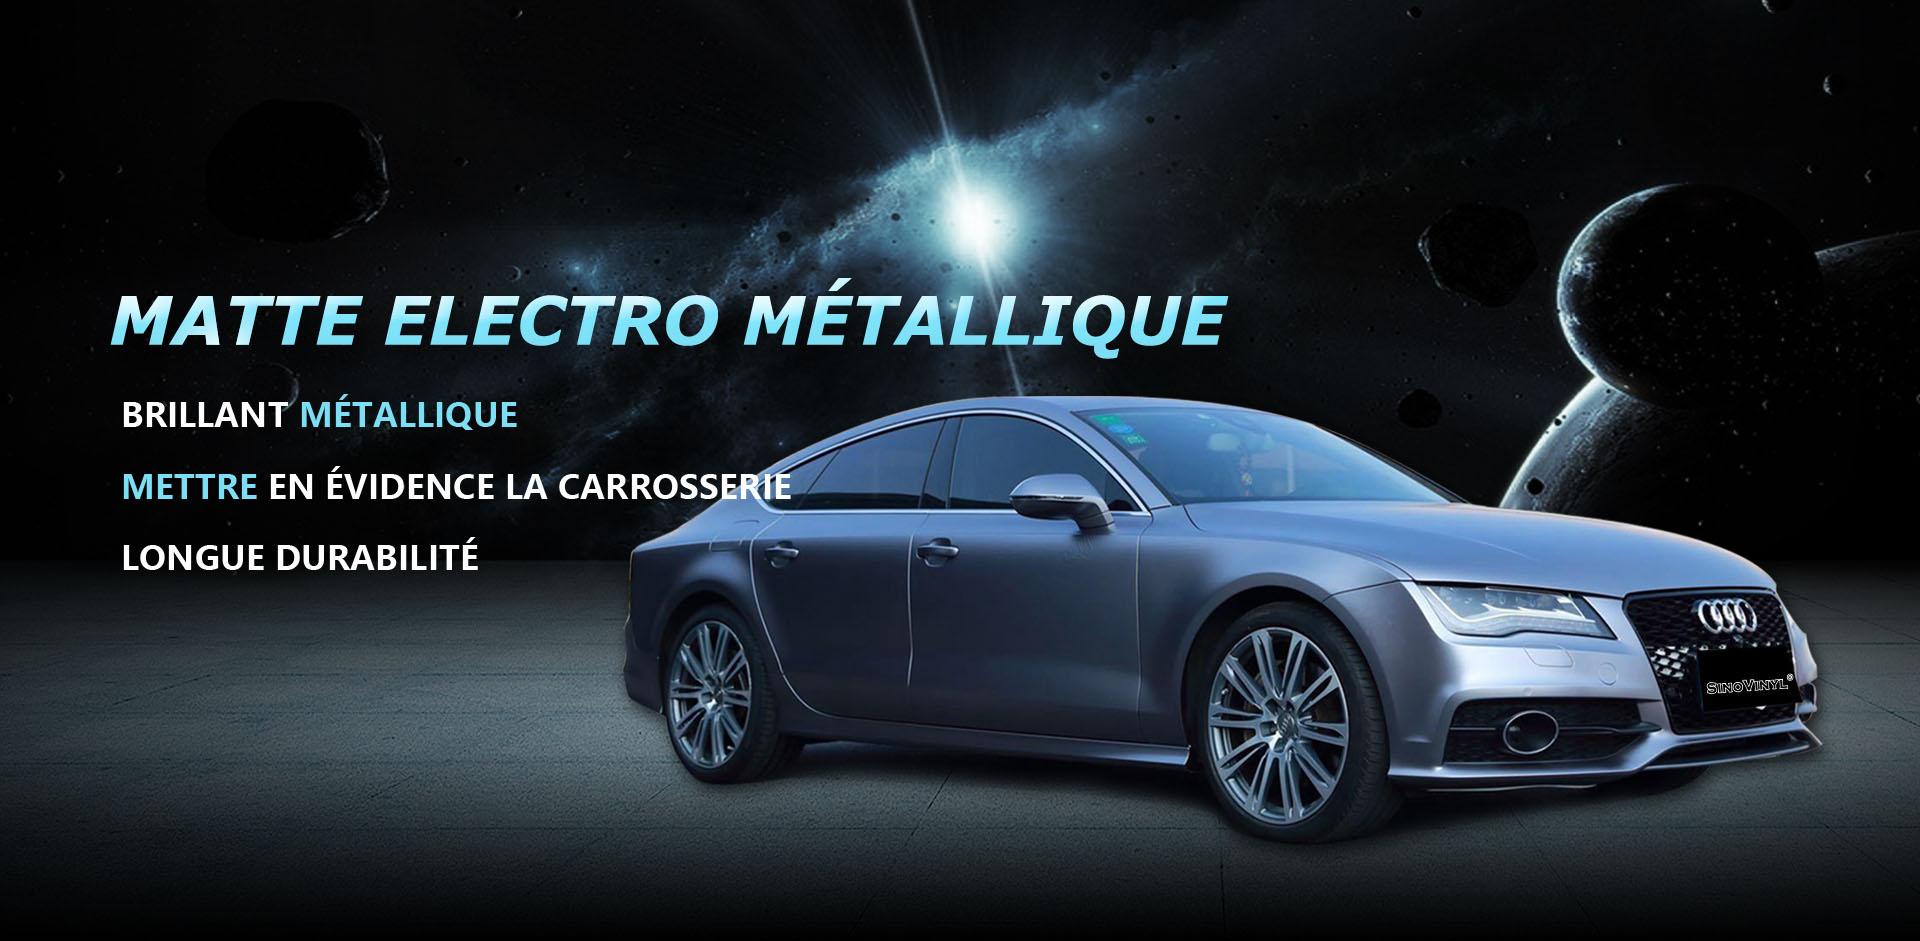 CL-EM Emballage de voiture en vinyle électro métallisé mat